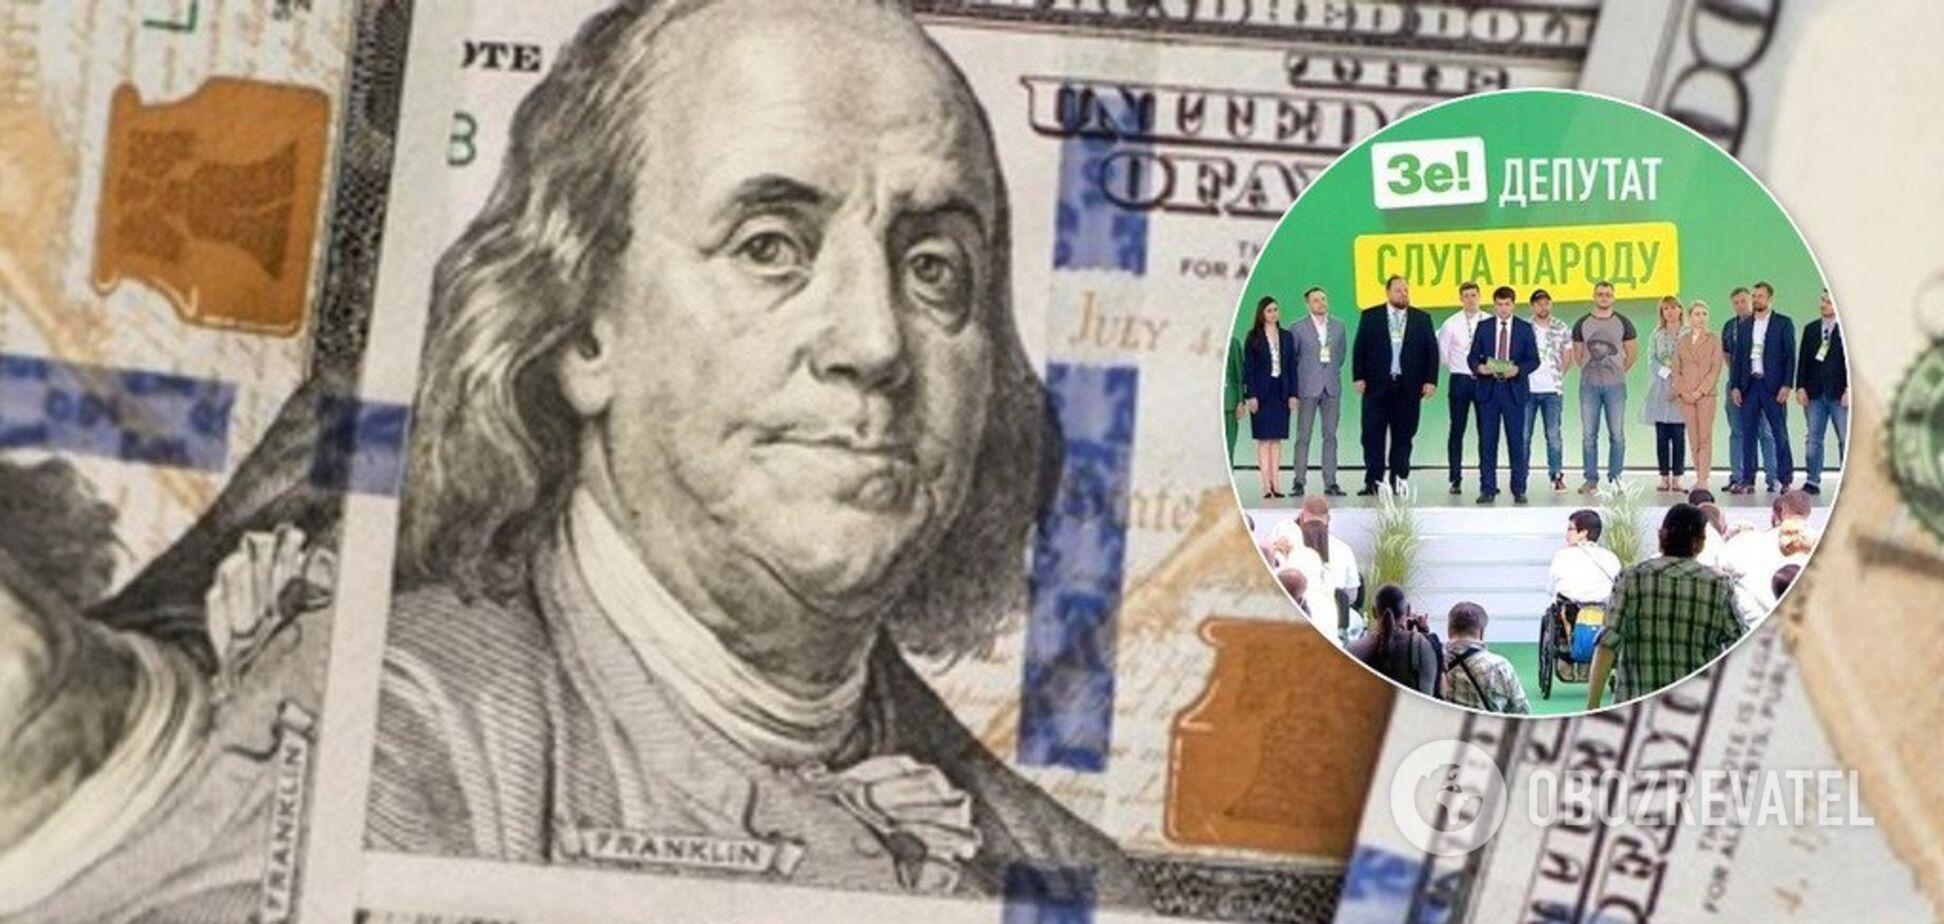 Курс долара в Україні на 2020 рік: що заклала 'Слуга народу' до держбюджету